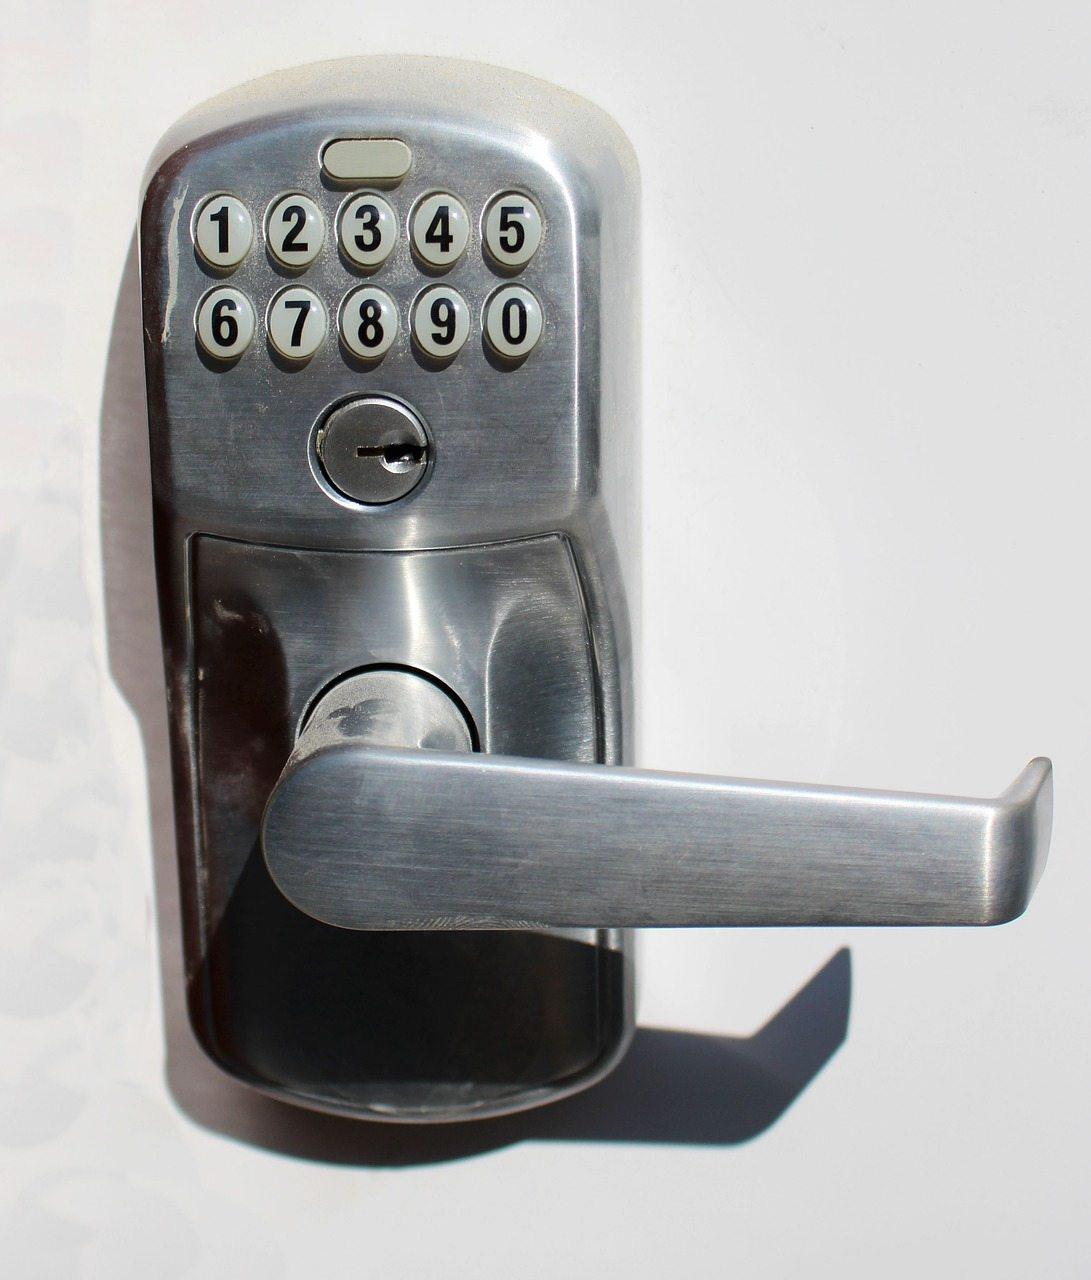 Øg sikkerheden med elektroniske låse